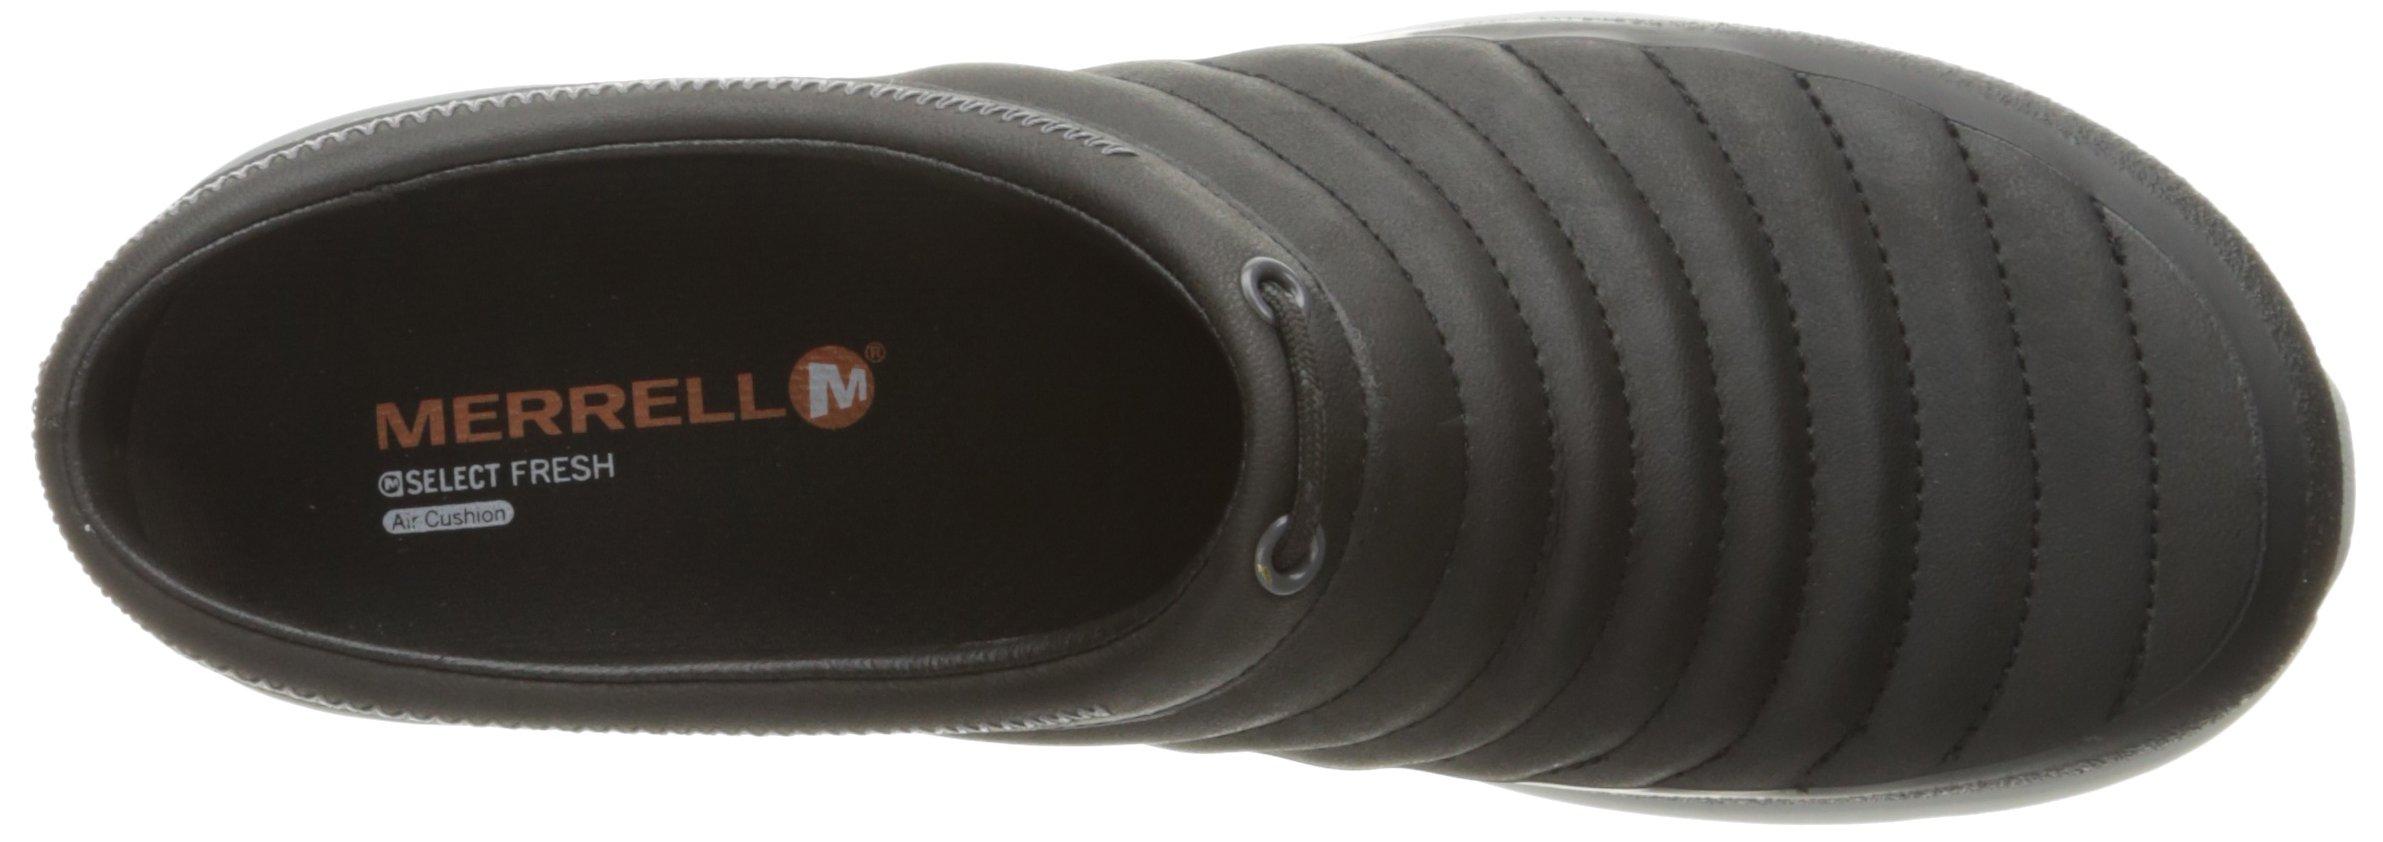 Merrell Women's Applaud Slide Slip-On Shoe, Black, 9.5 M US by Merrell (Image #8)